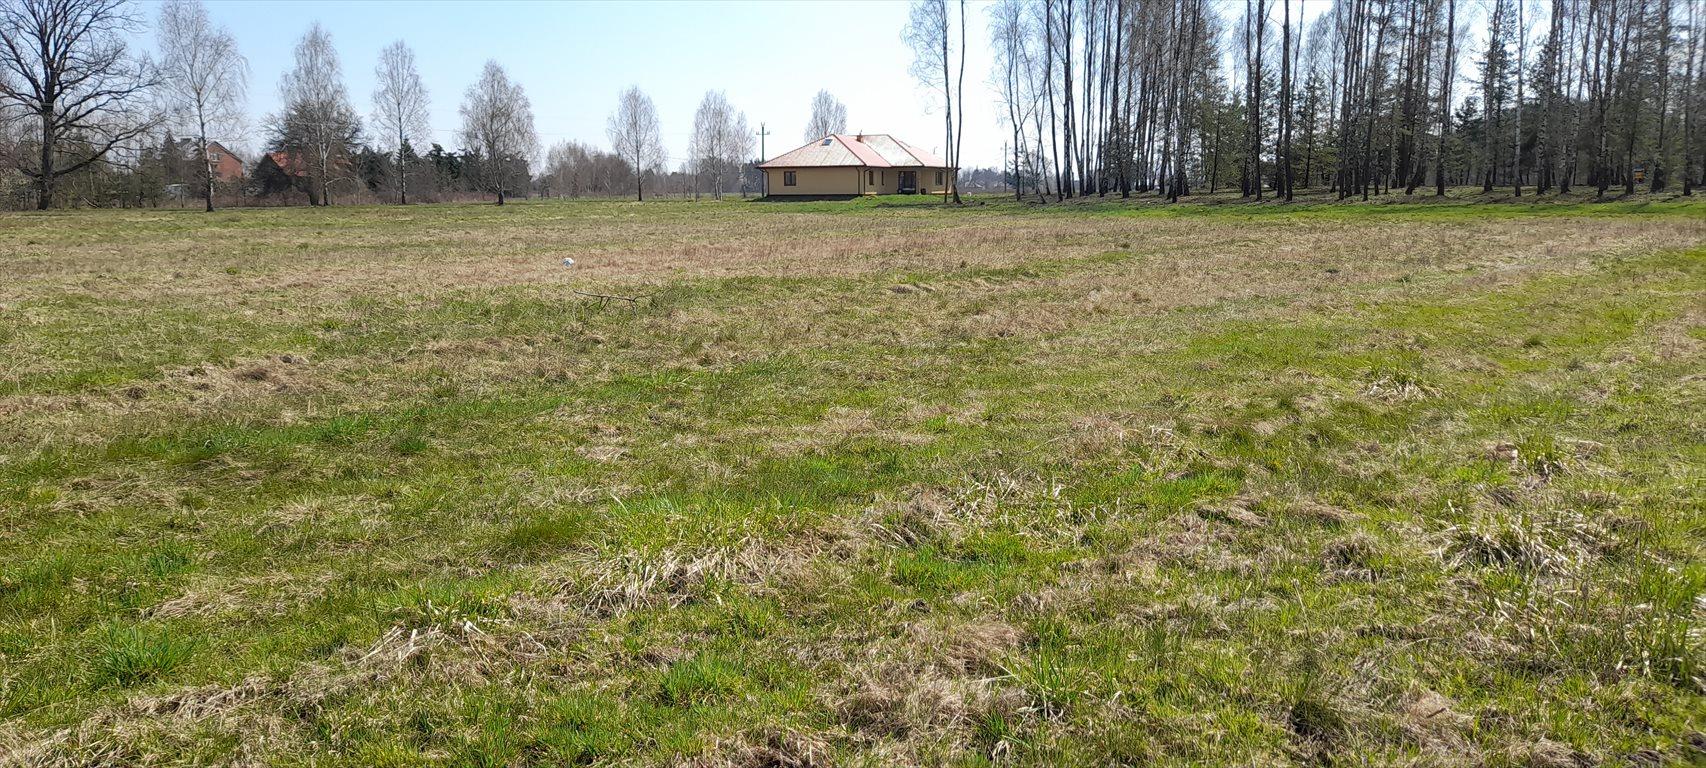 Działka budowlana na sprzedaż Augustówka, gm. Osieck, otwocki powiat, Kołbielska  1738m2 Foto 4